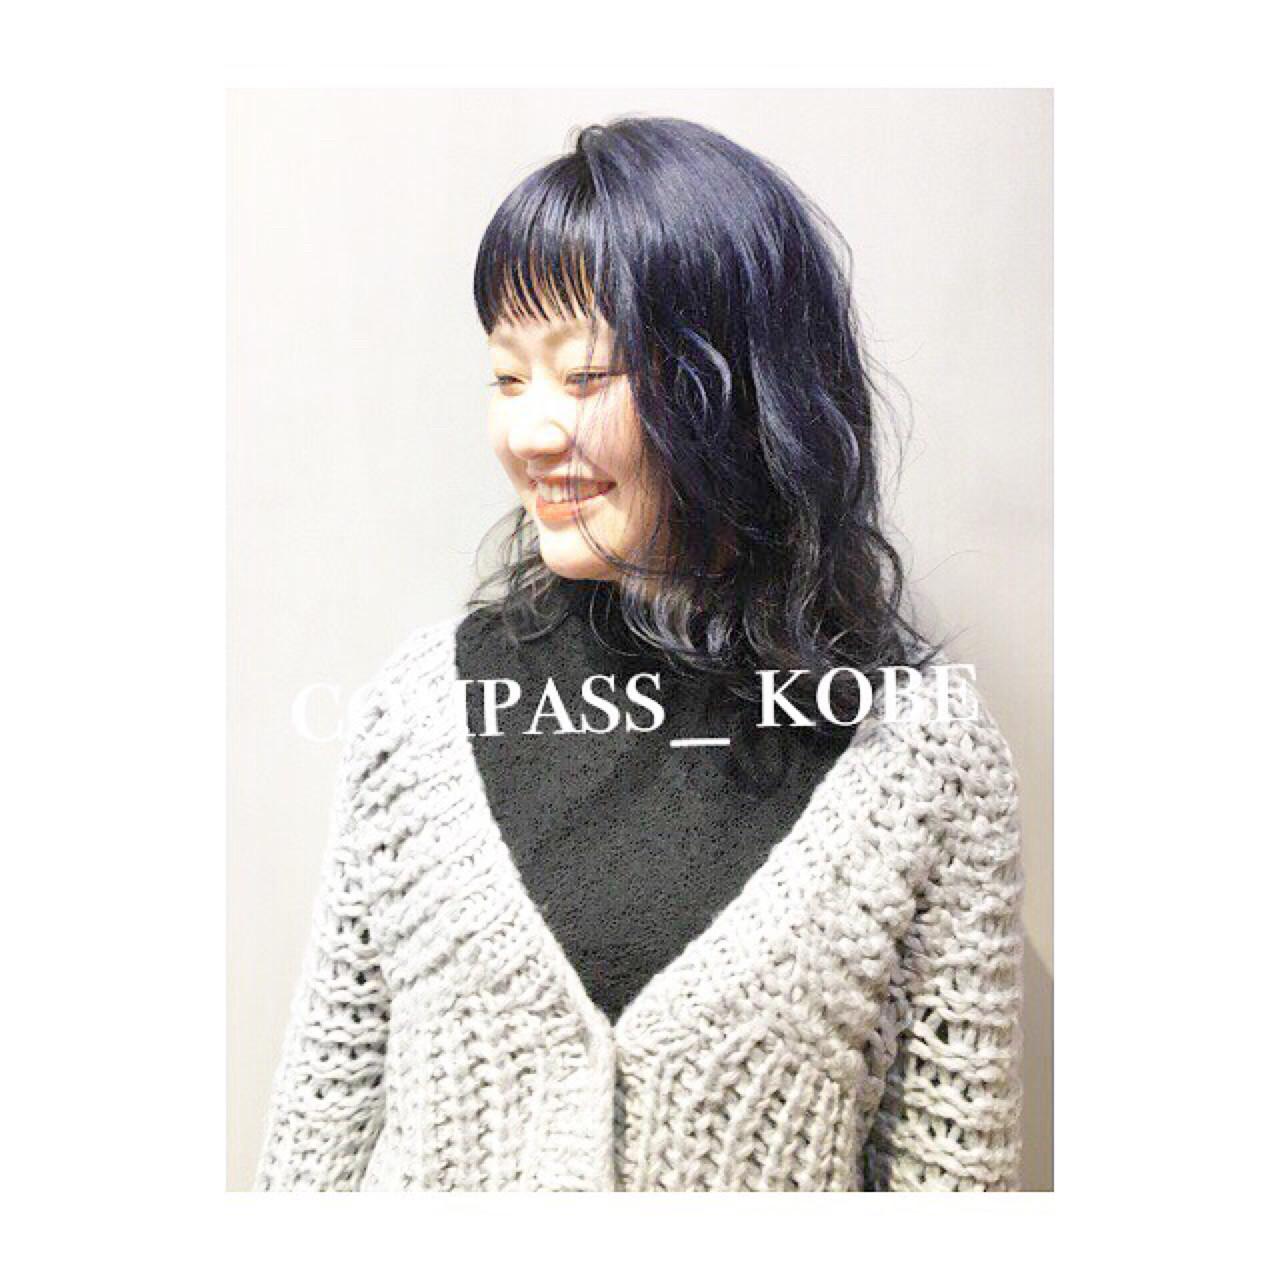 暗めのブルージュなら透明感たっぷり! COM PASS タイチ | COM PASS